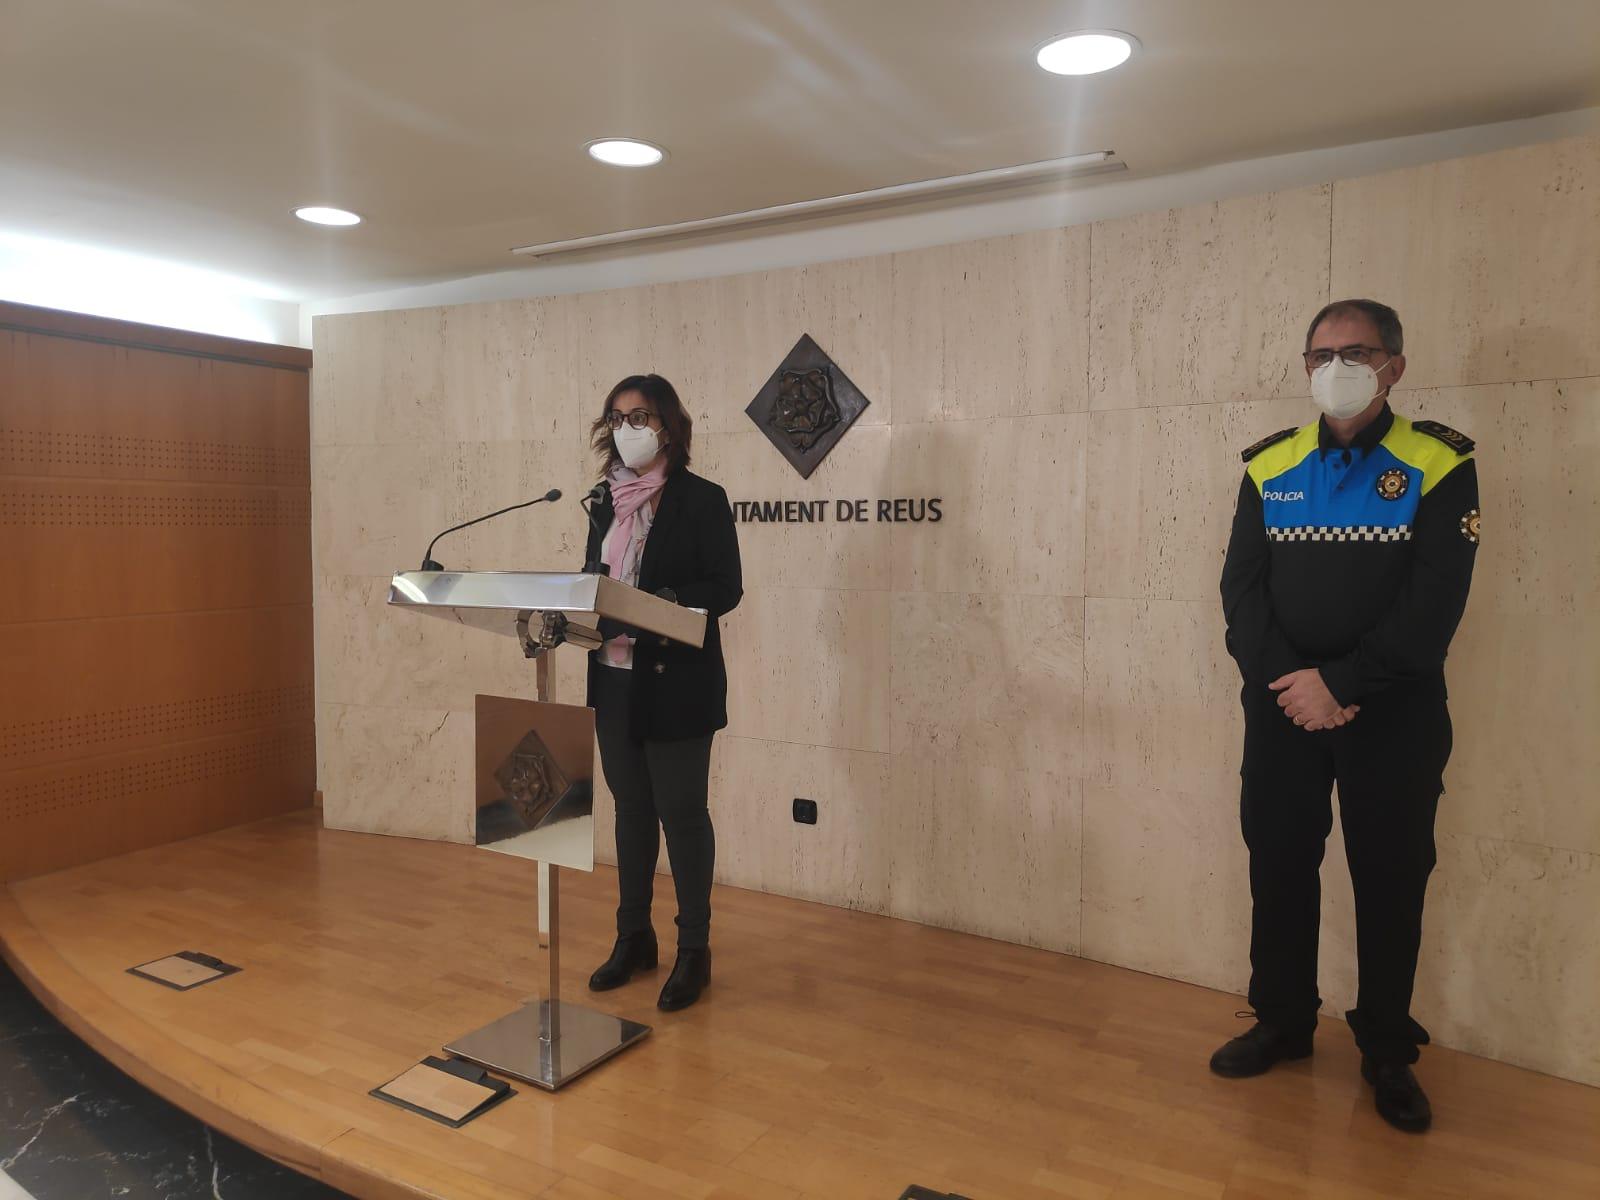 La Guàrdia Urbana de Reus posa en marxa aquest dijous, 10 de desembre el dispositiu de seguretat de Nadal, amb l'objectiu de prevenir i re...